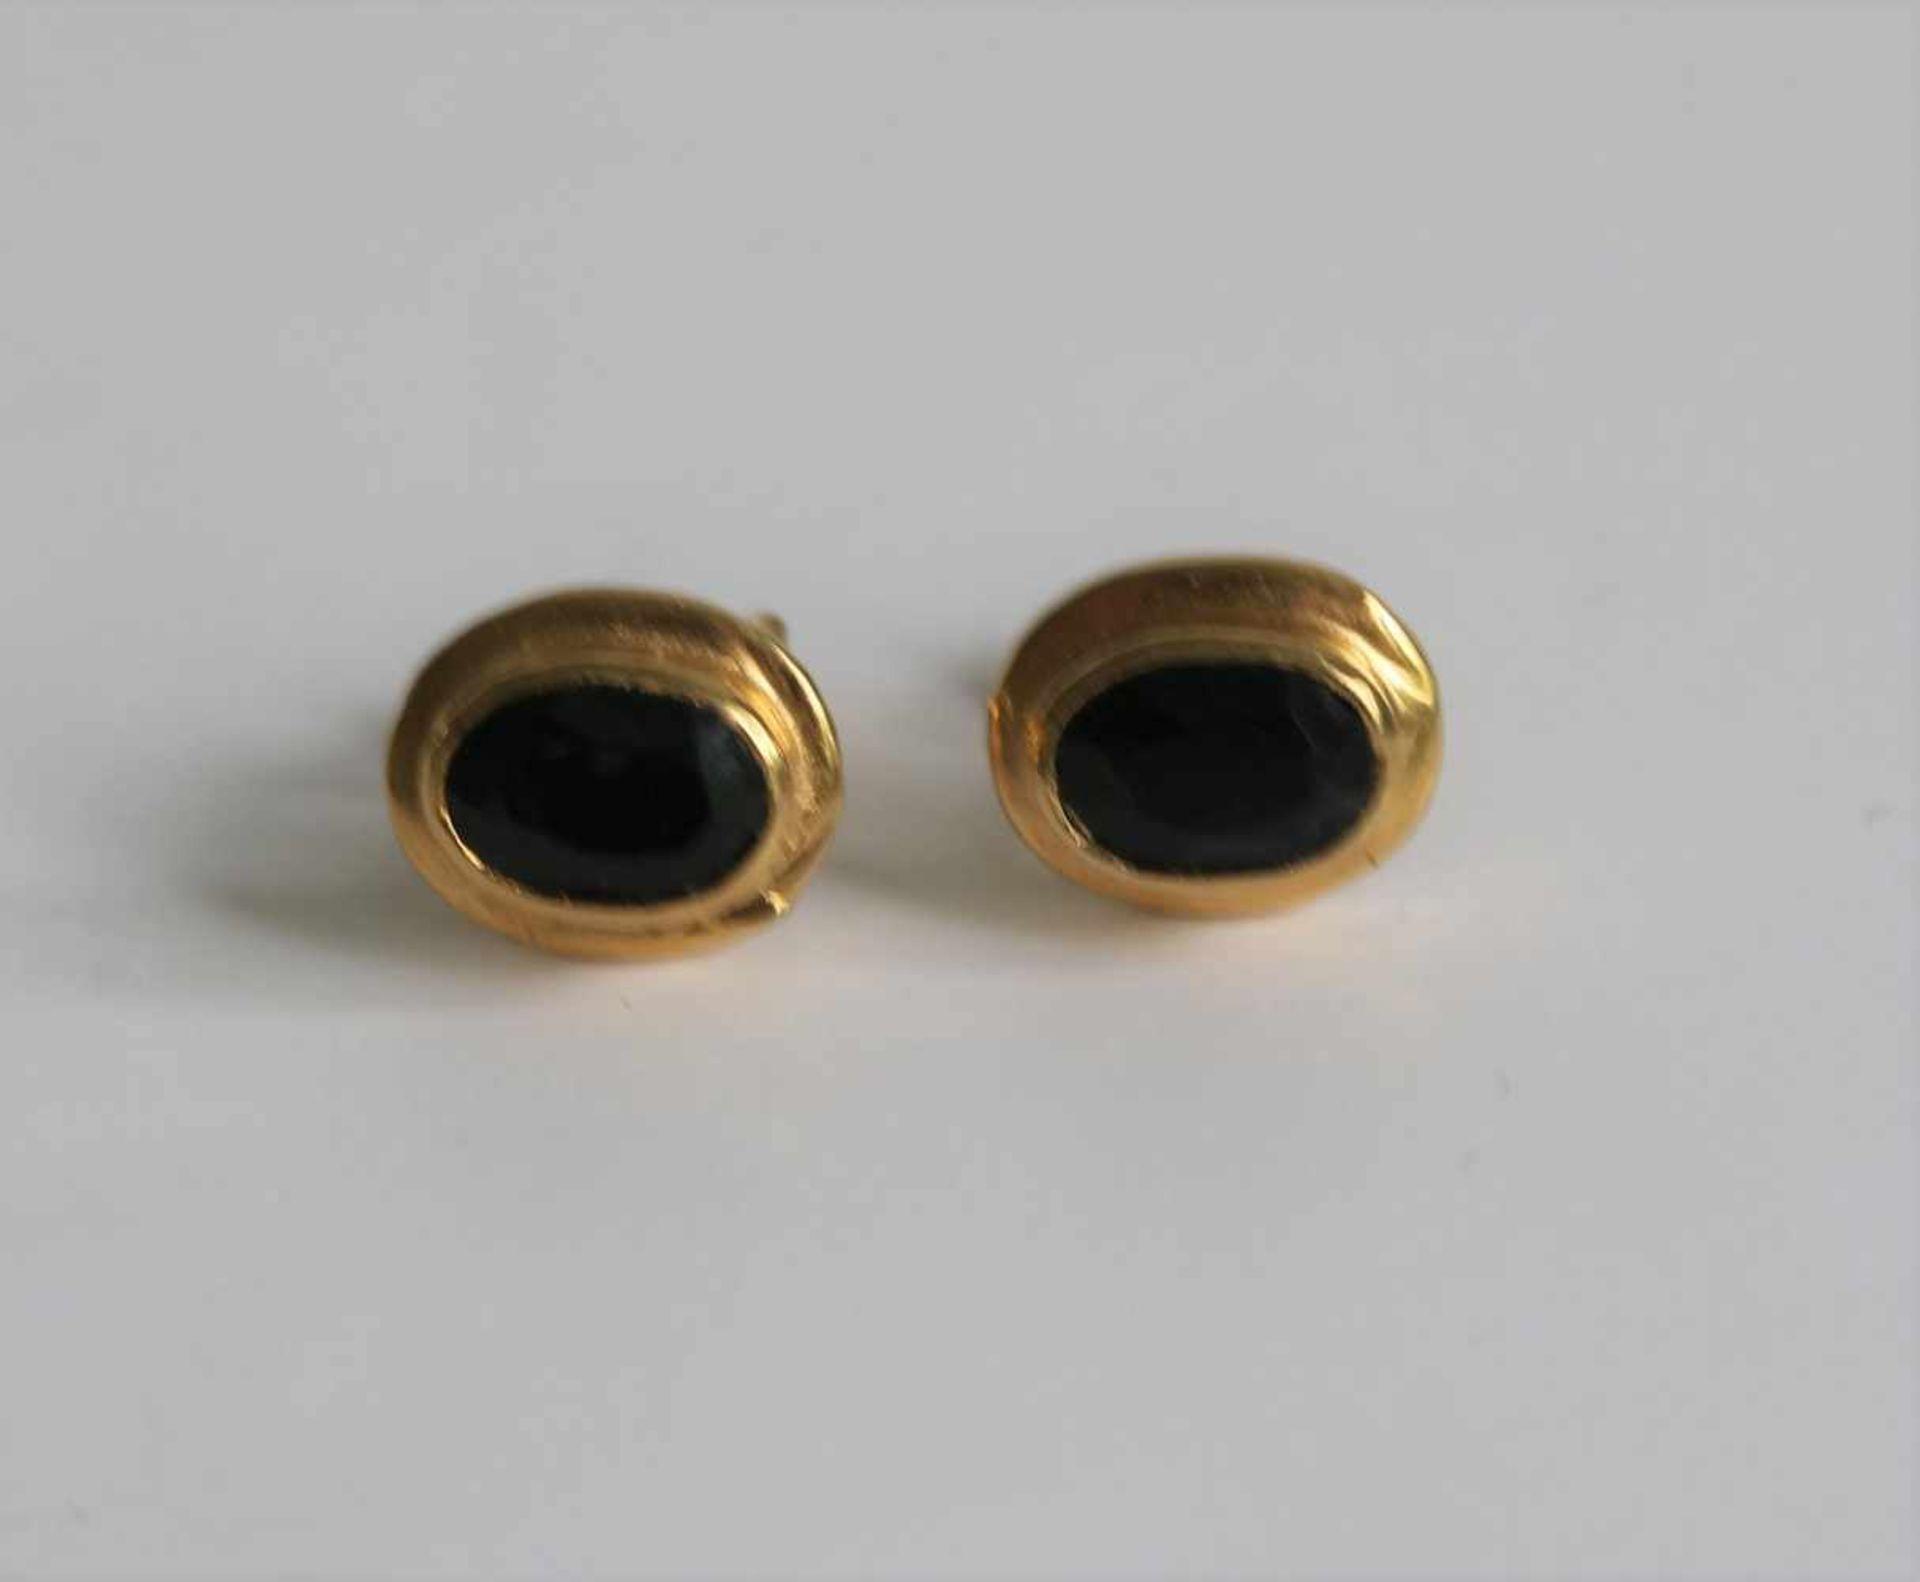 Los 684 - Gold sapphire earrings 18 Kt 0,9 x 0,7 x 1,5 cm